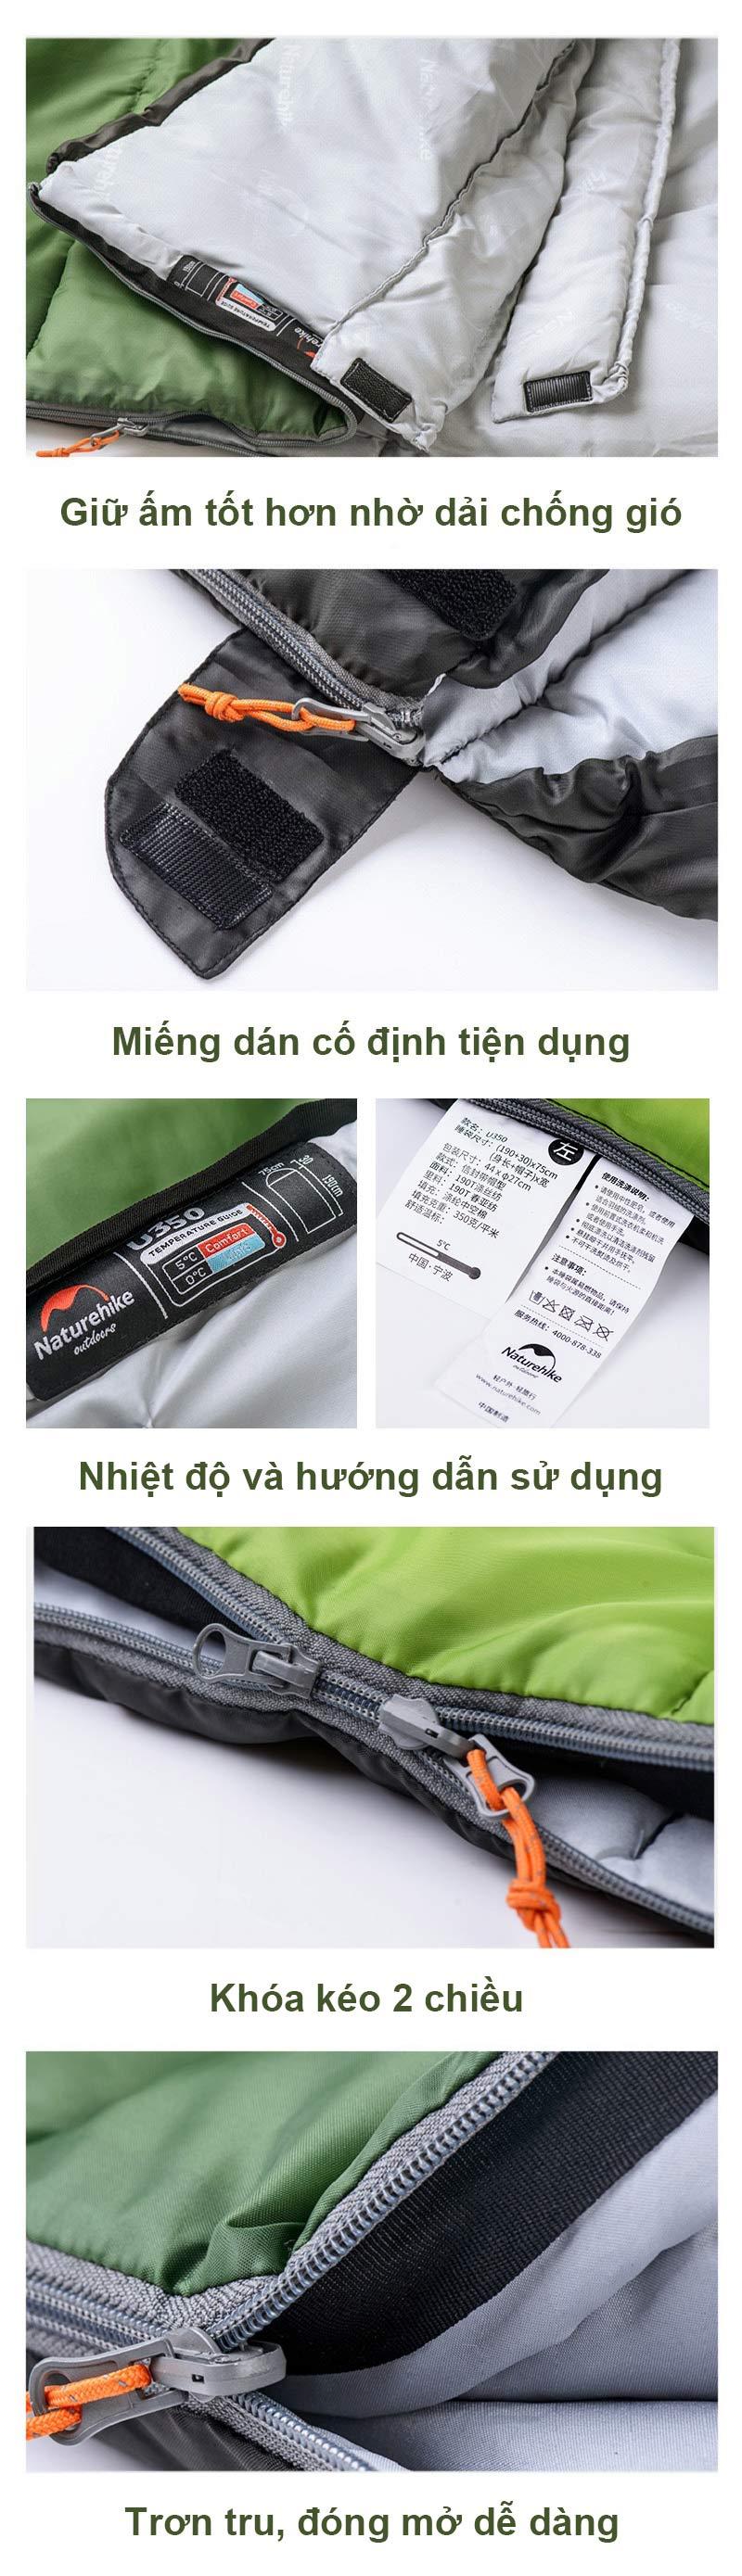 miếng dán giúp giữ ấm của túi ngủ Naturhike U250